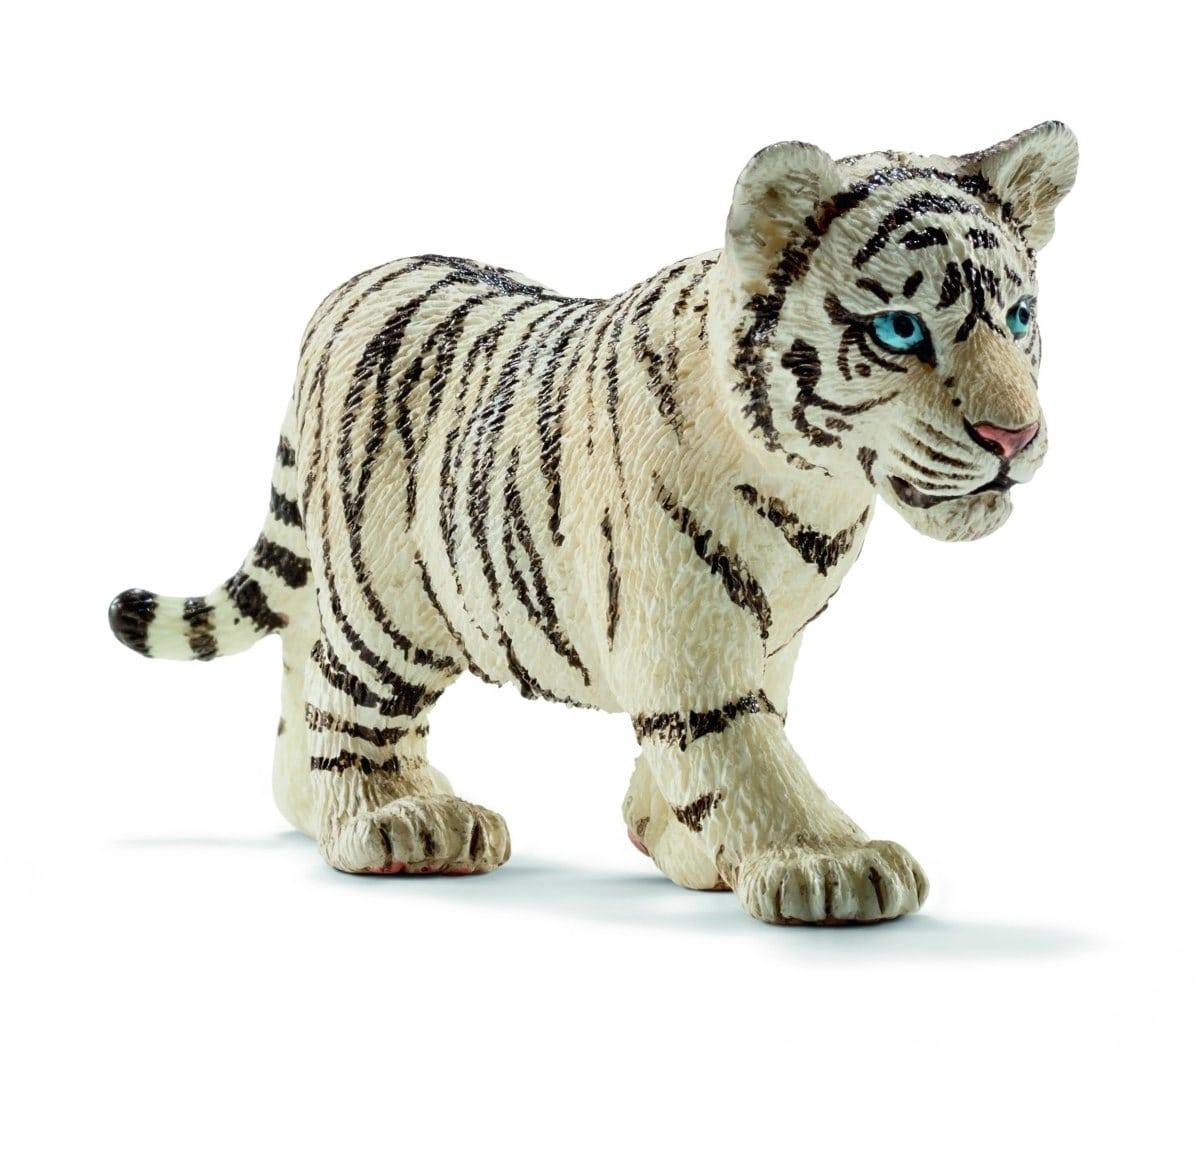 Schleich Réplica De Figura De Tigre Blanco Bebé, Color Blan1